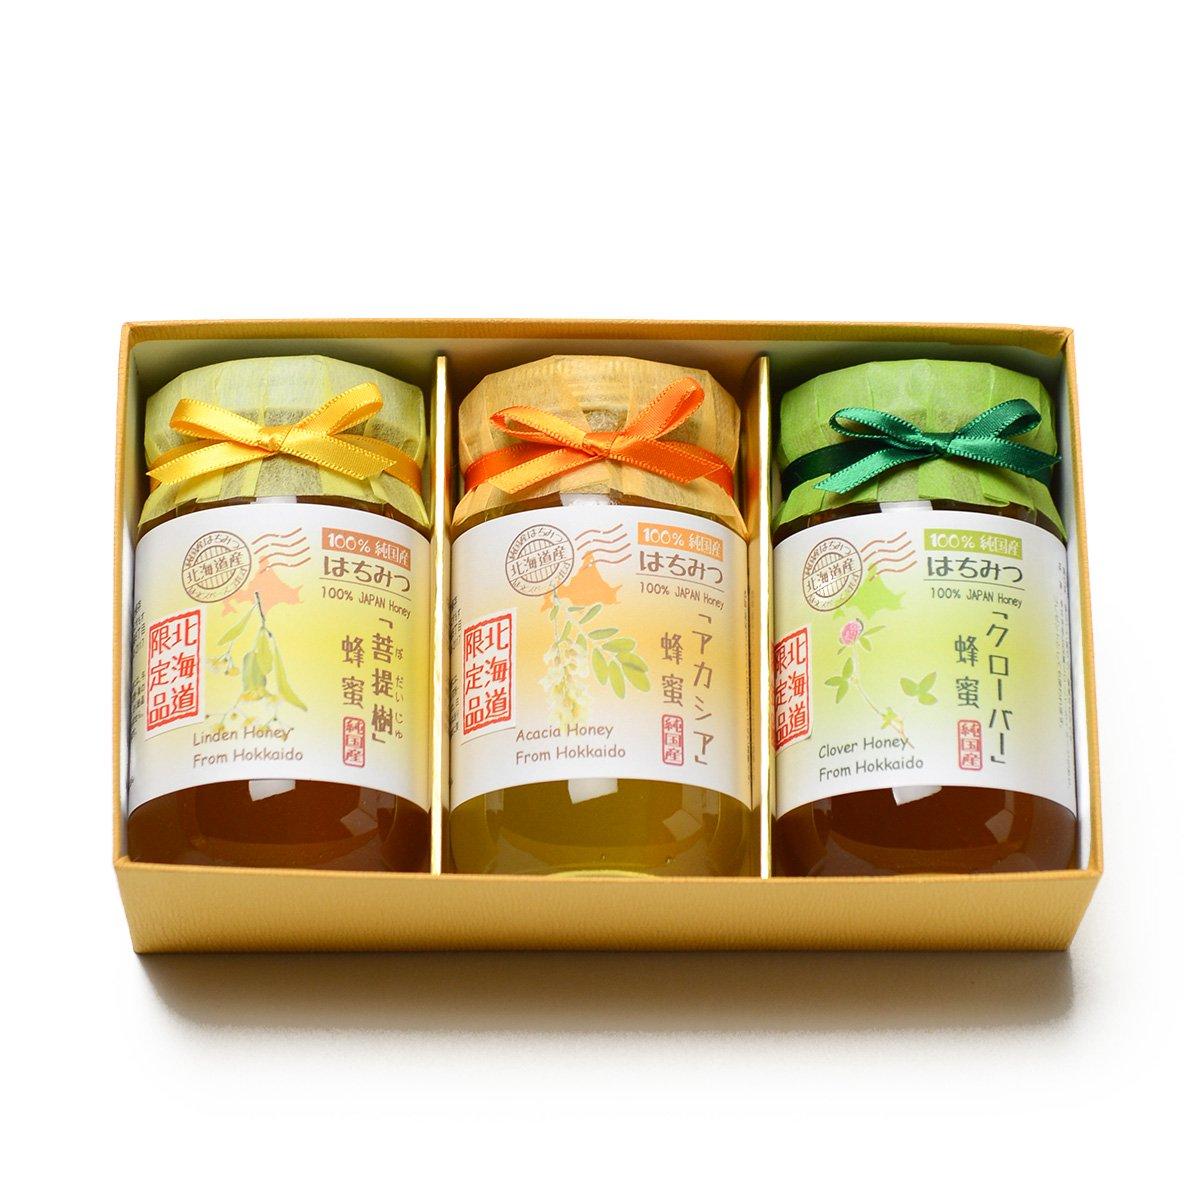 北海道産ビン蜂蜜 3種ギフトセット